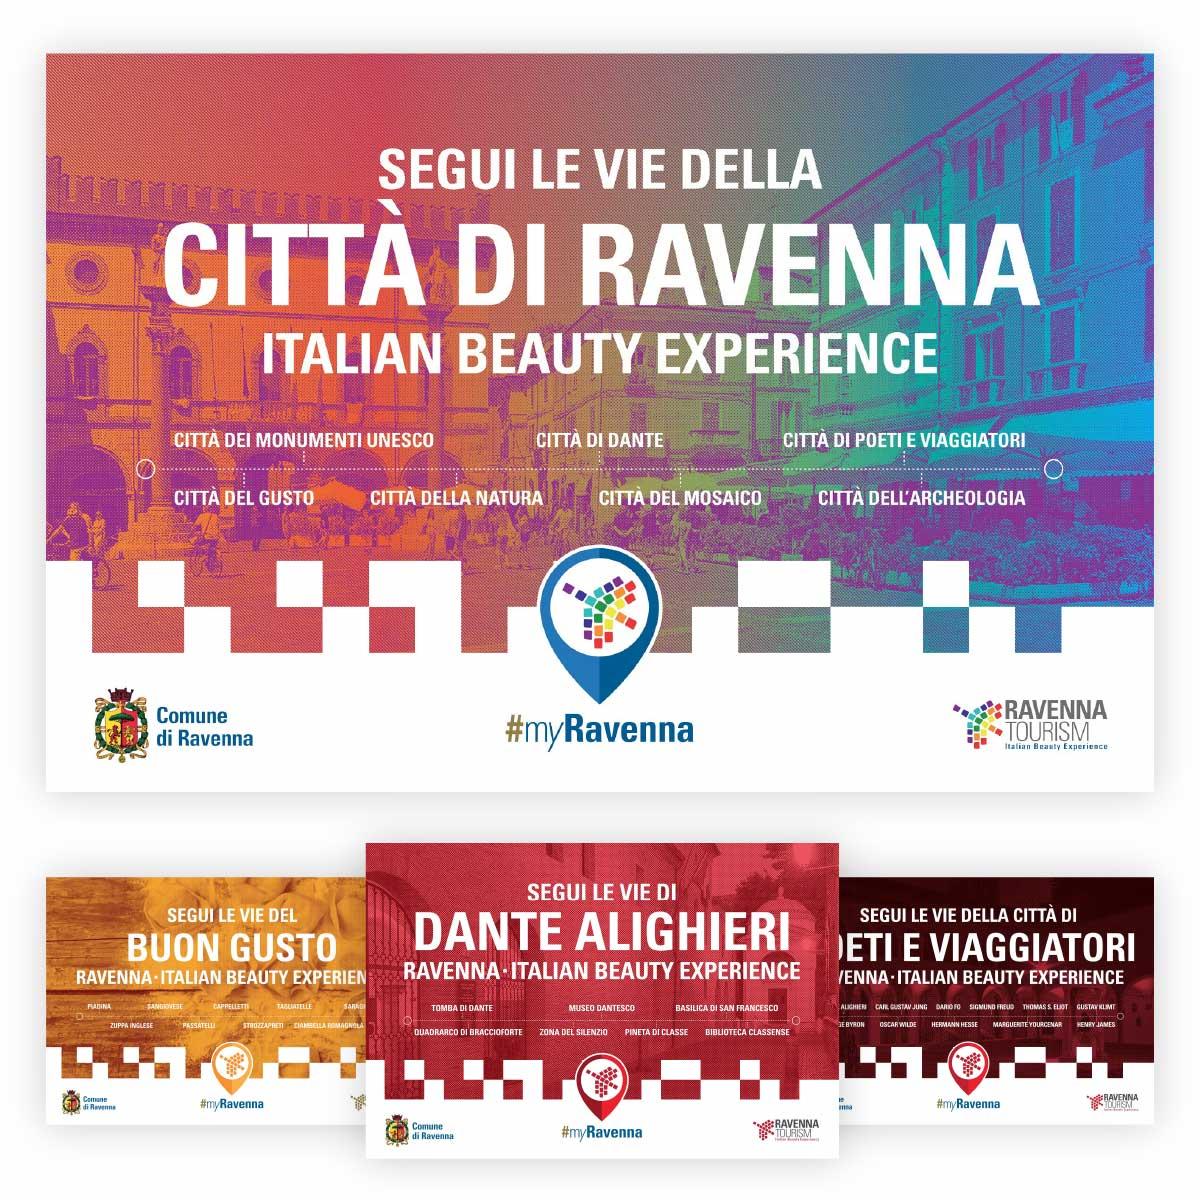 comune-di-ravenna-marketing-turismo-branding-7